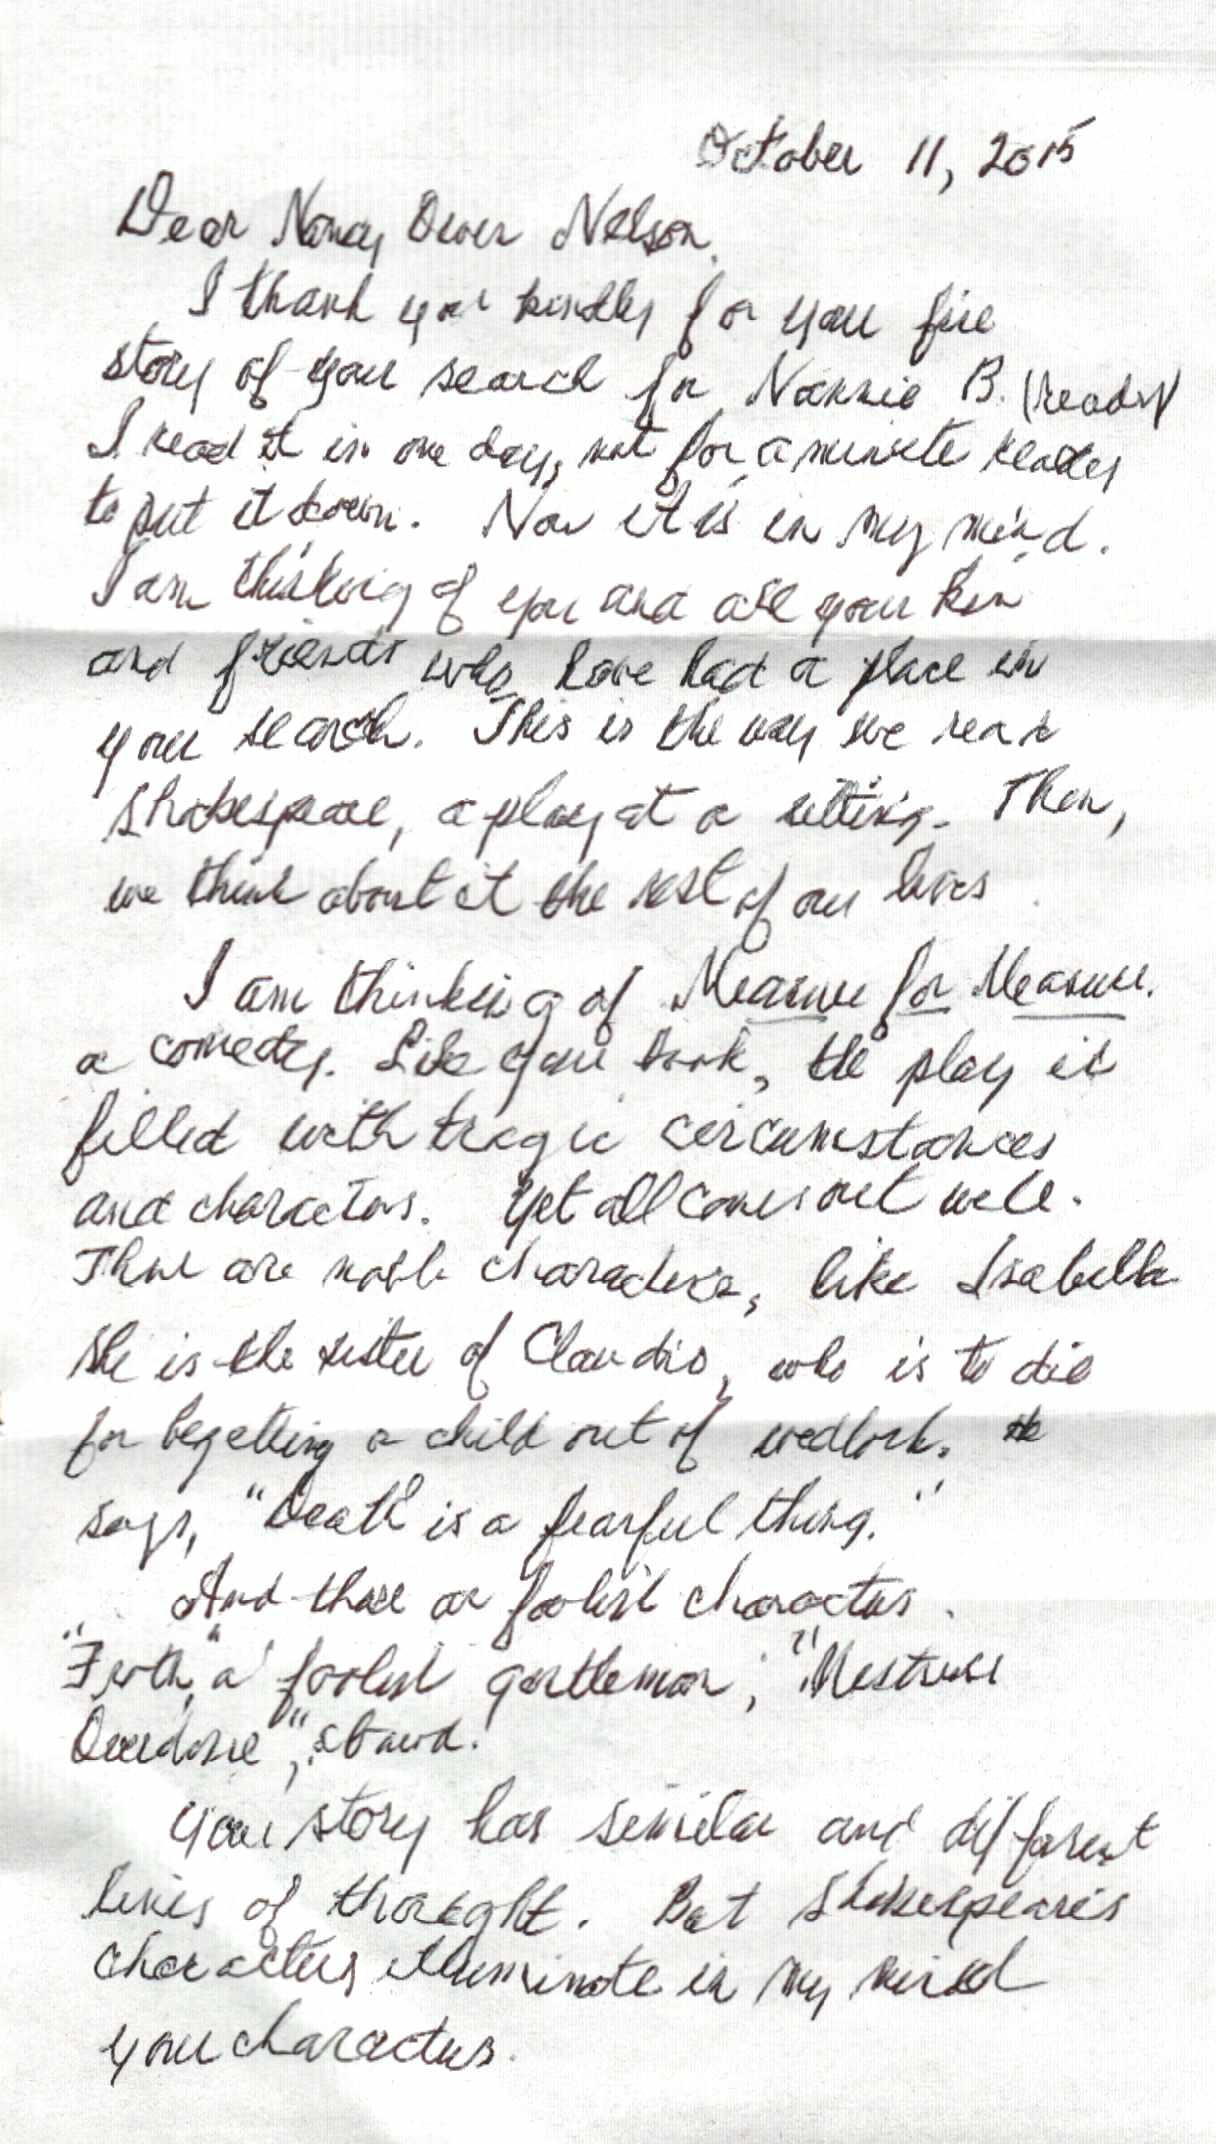 Page One of Ward Allen's letter to Nancy Owen Nelson